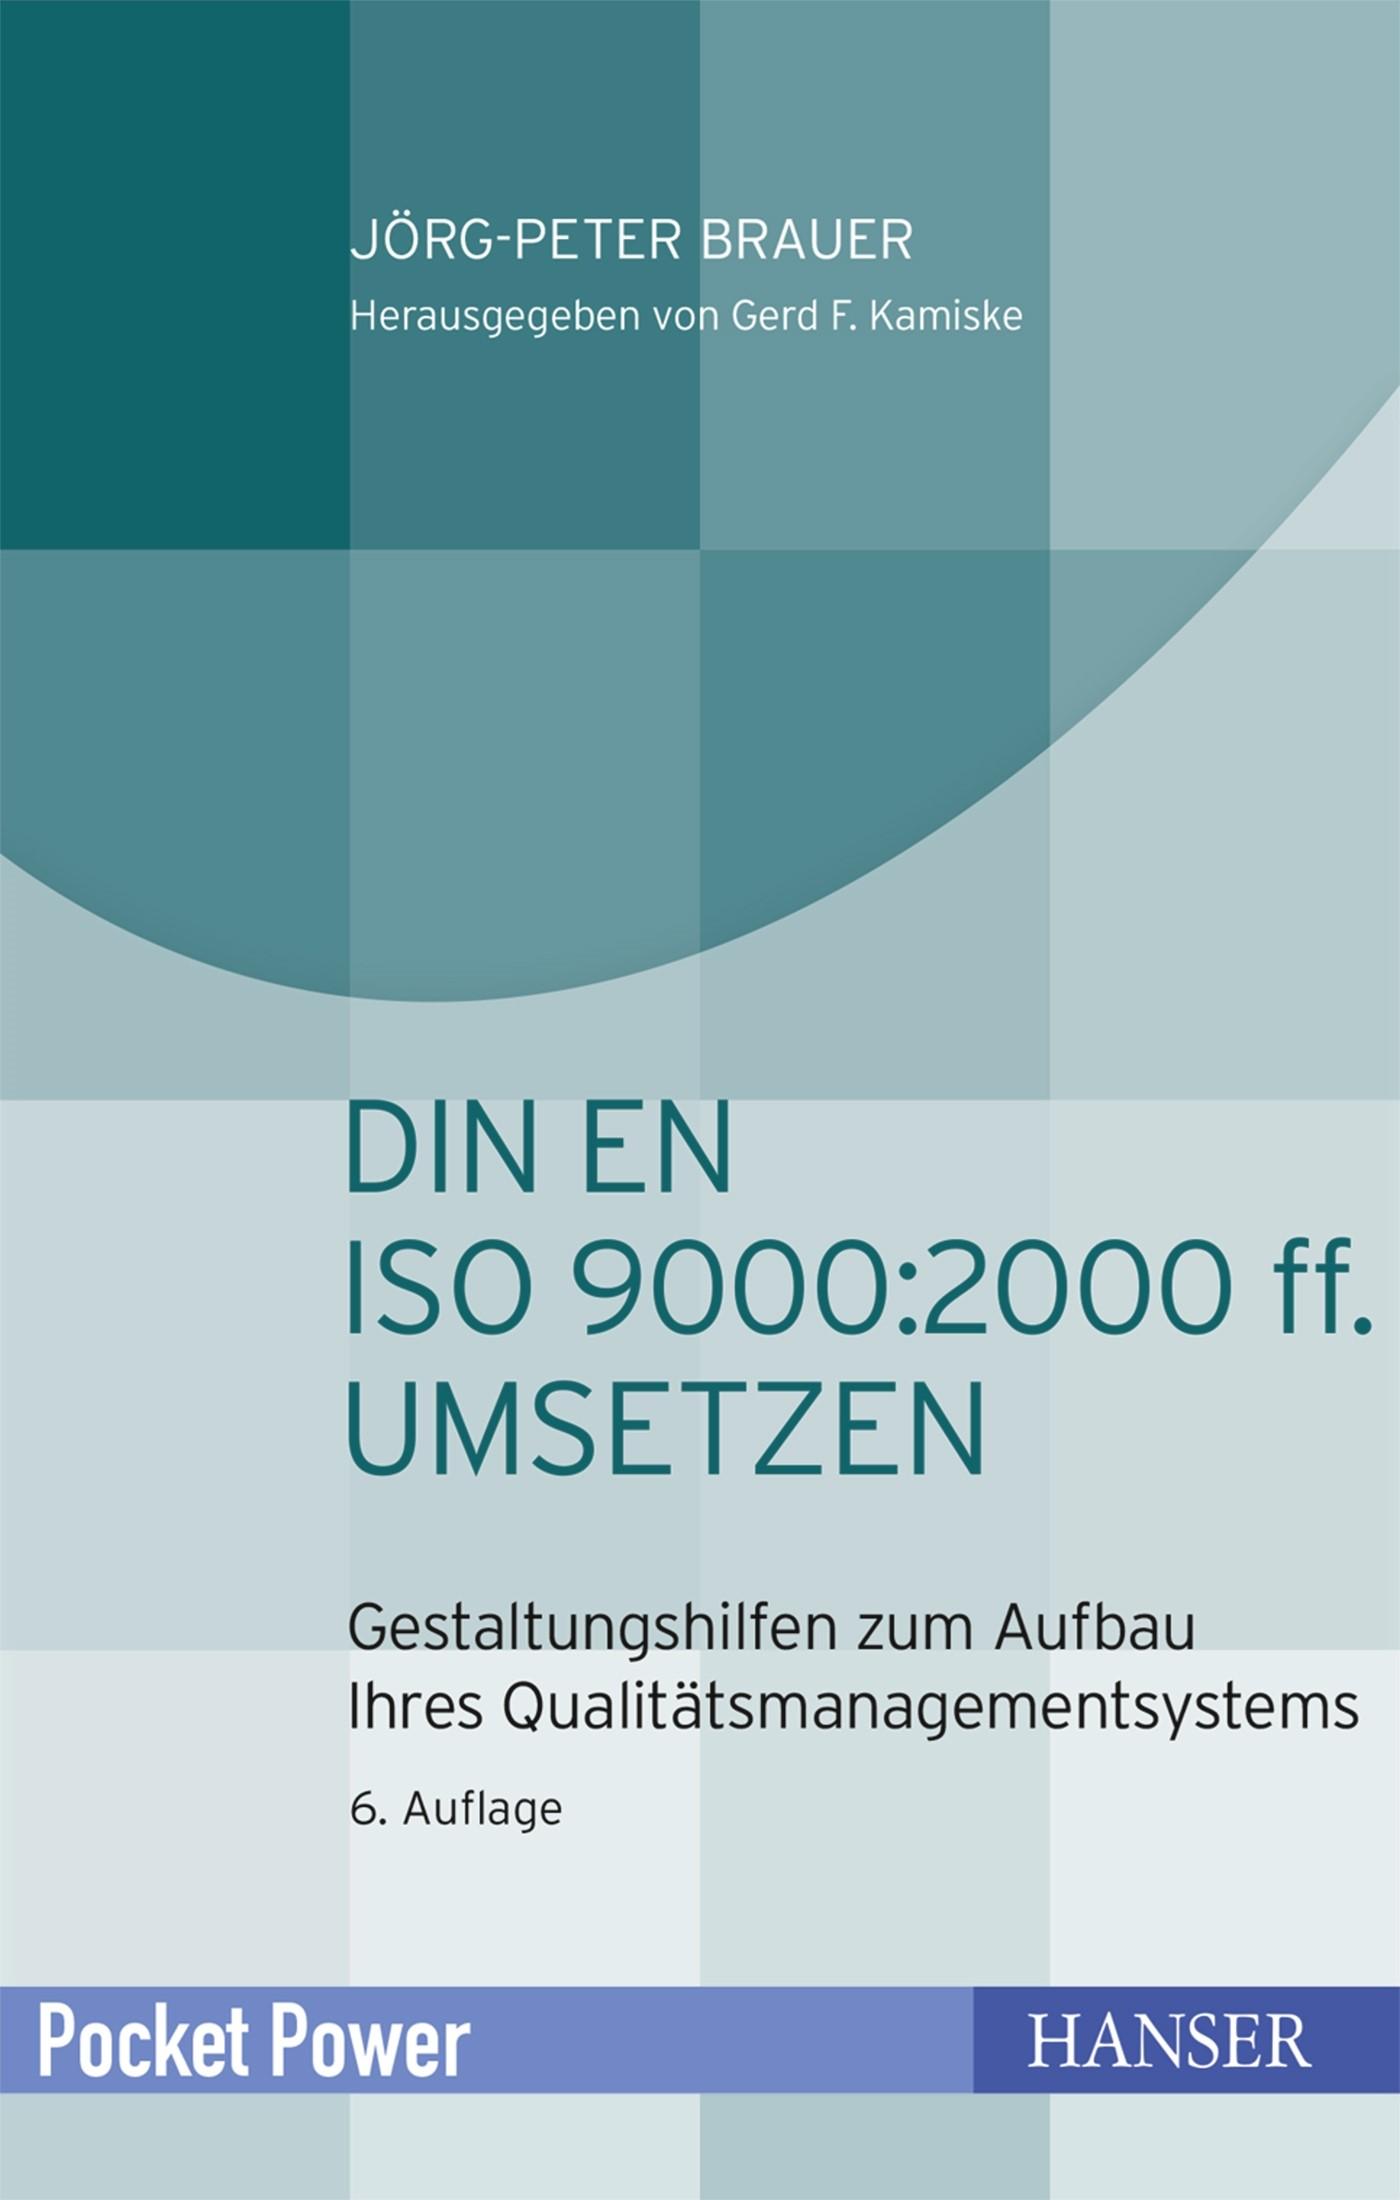 DIN EN ISO 9000:2000 ff. umsetzen | Brauer | 6. Auflage, 2018 | Buch (Cover)